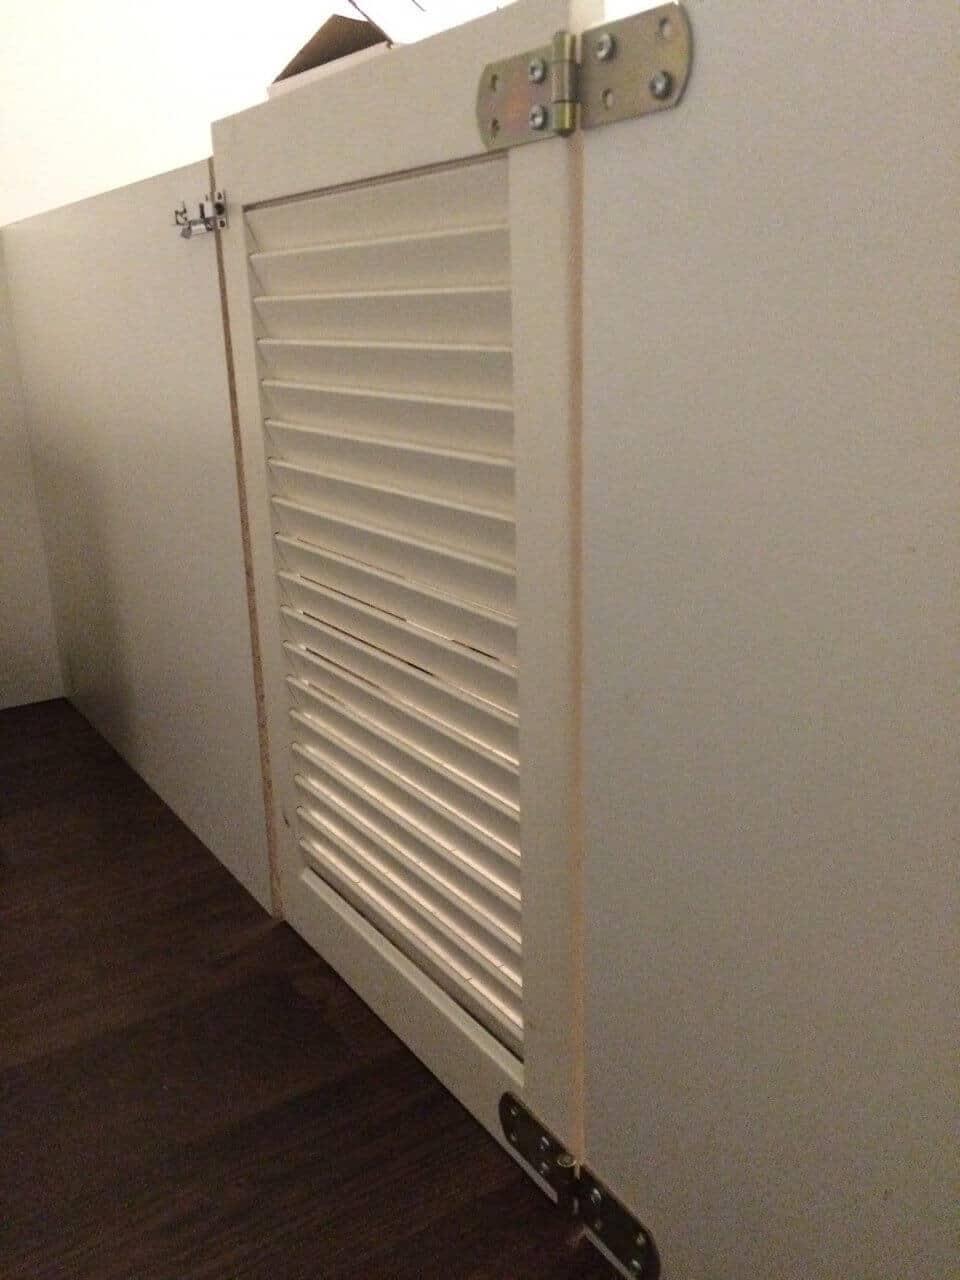 Lamellentür Selber Bauen : An Lamellentüren hatten wir ziemlich früh gedacht, die Idee aber ...